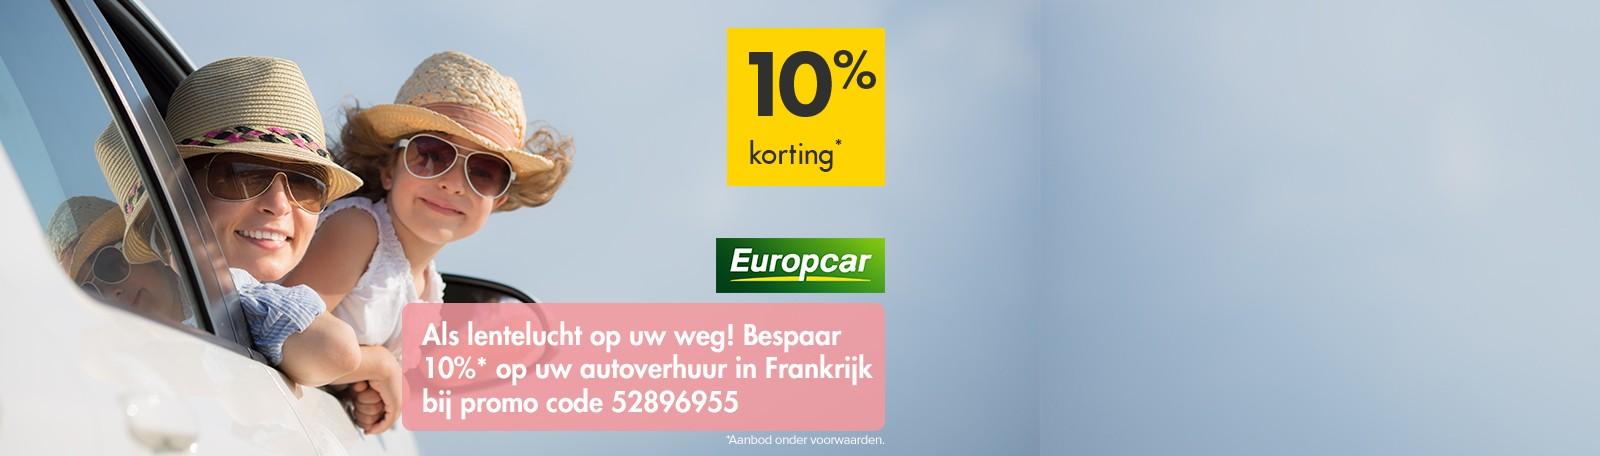 Europcar korting 2019